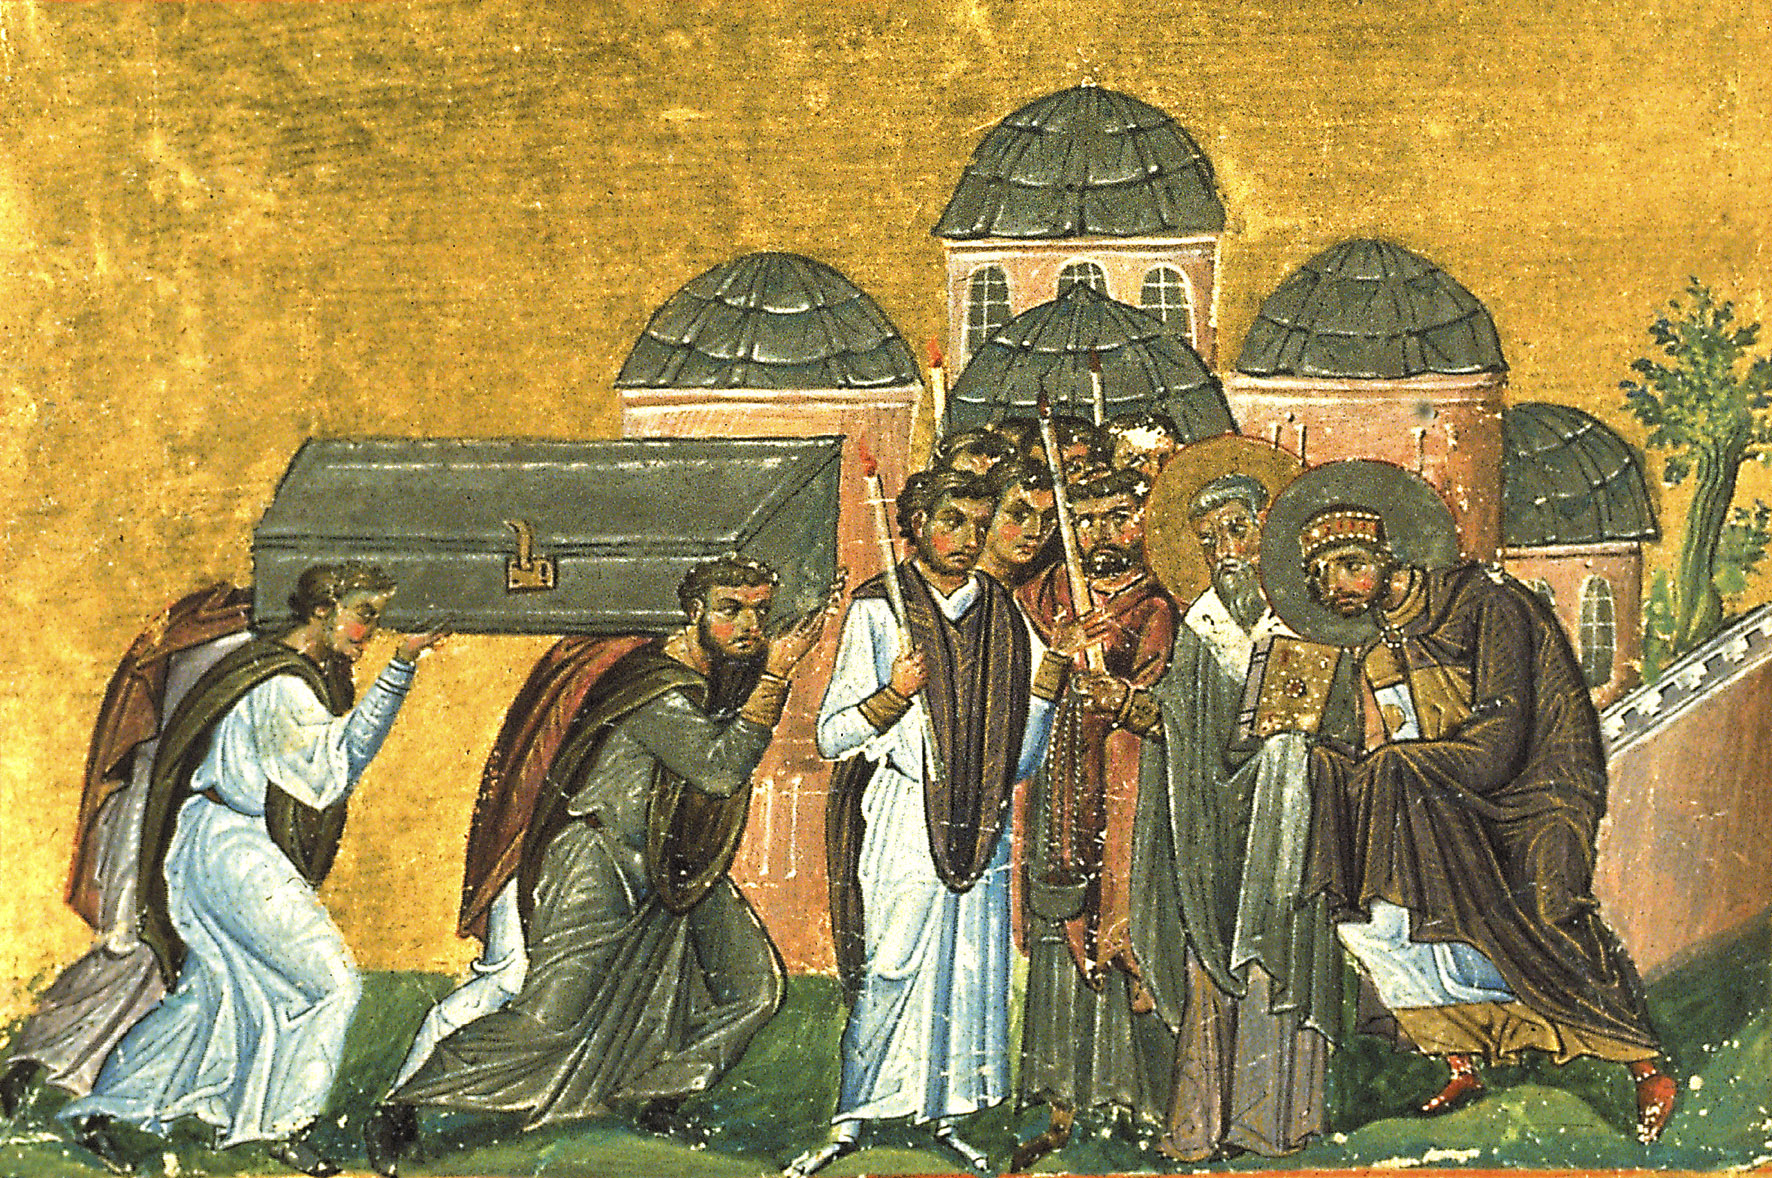 Dupa 32 de ani, Moastele Sf. Ioan Gura de Aur fac sa inceteze cutremurarea mormantului unei pacatoase. A confiscat via unei femei sarace, desi era plina de averi.